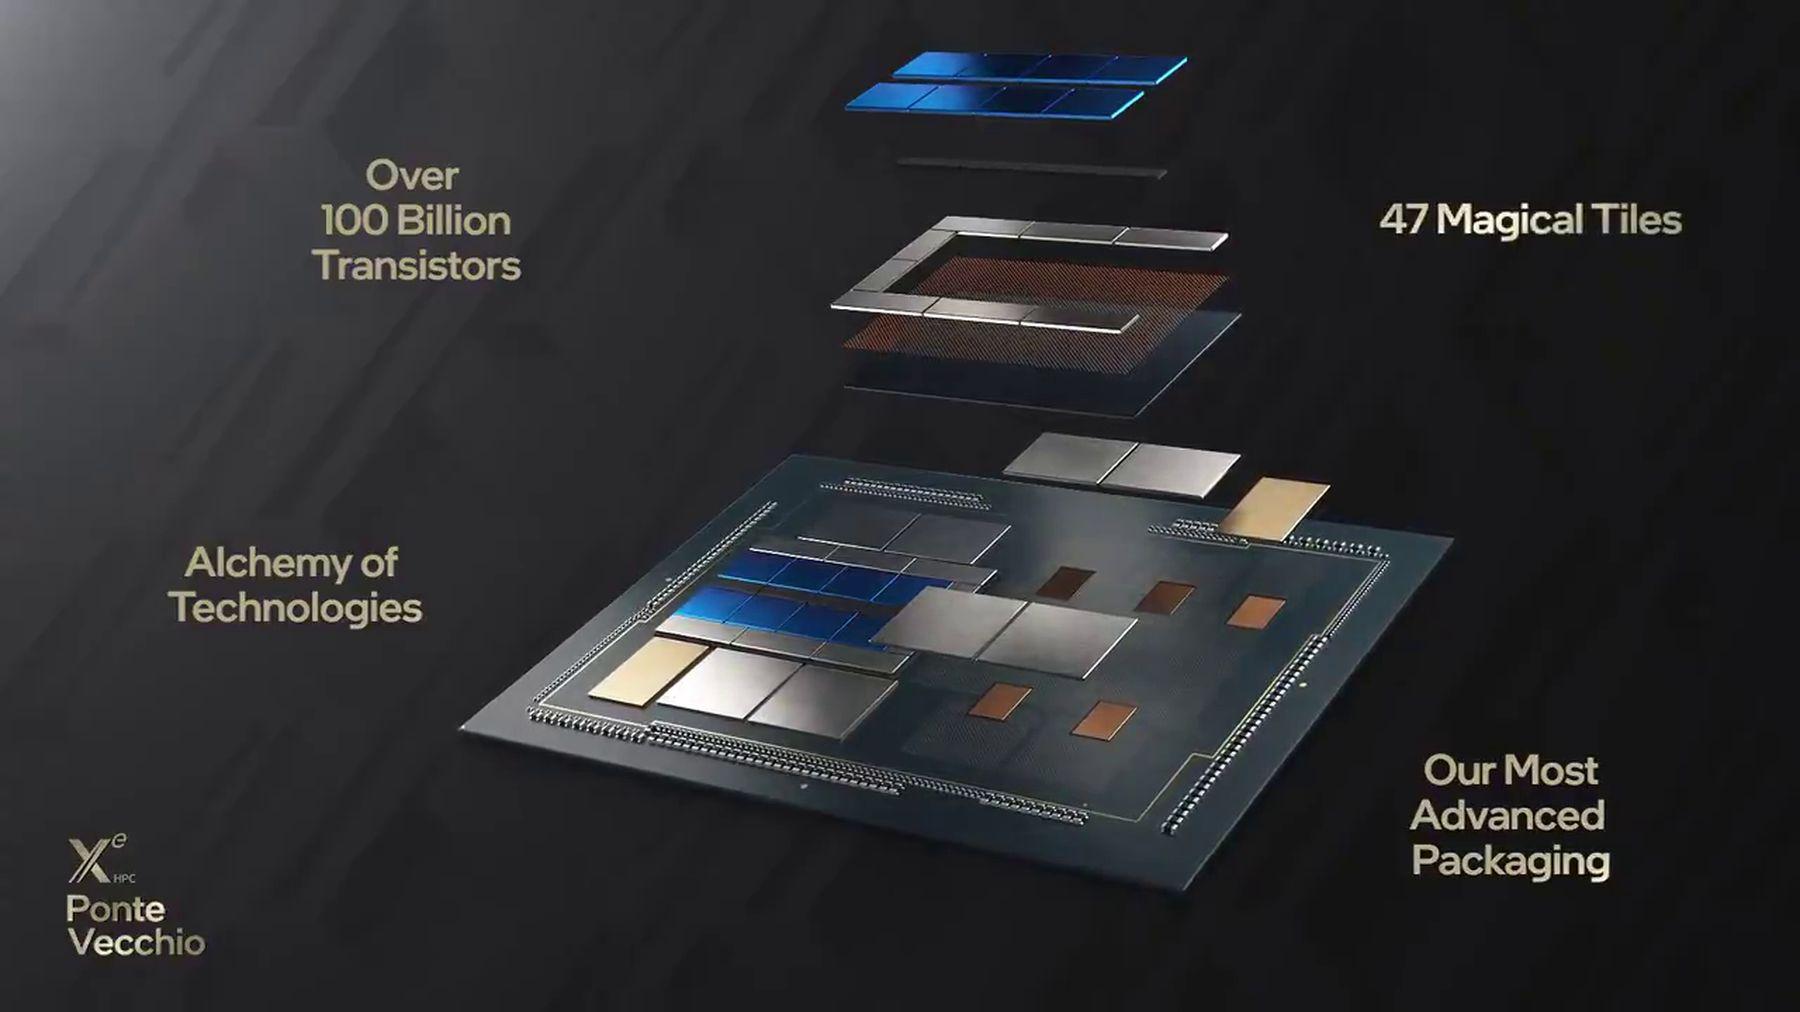 Графический процессор Intel Ponte Vecchio содержит 47 кристаллов и более 100 млрд транзисторов